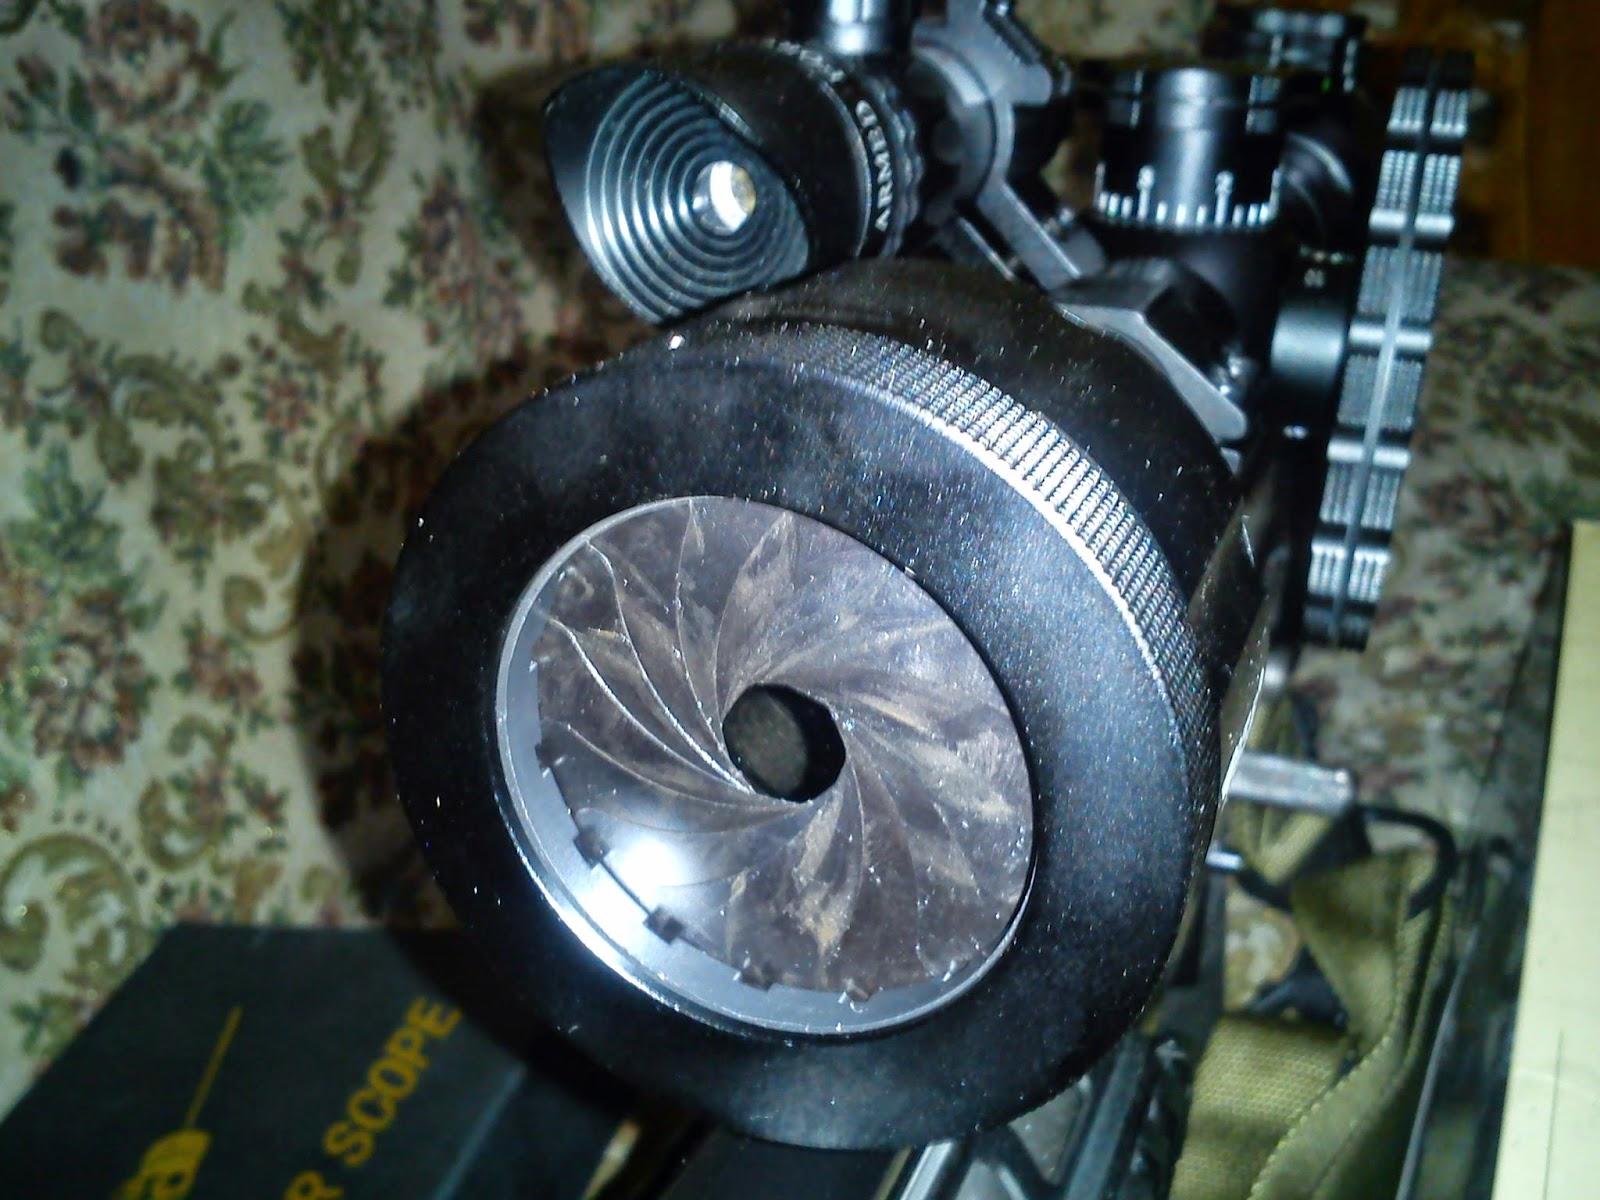 Produksi senapan angin pcp dan laras senapan merk cz: telescope bsa